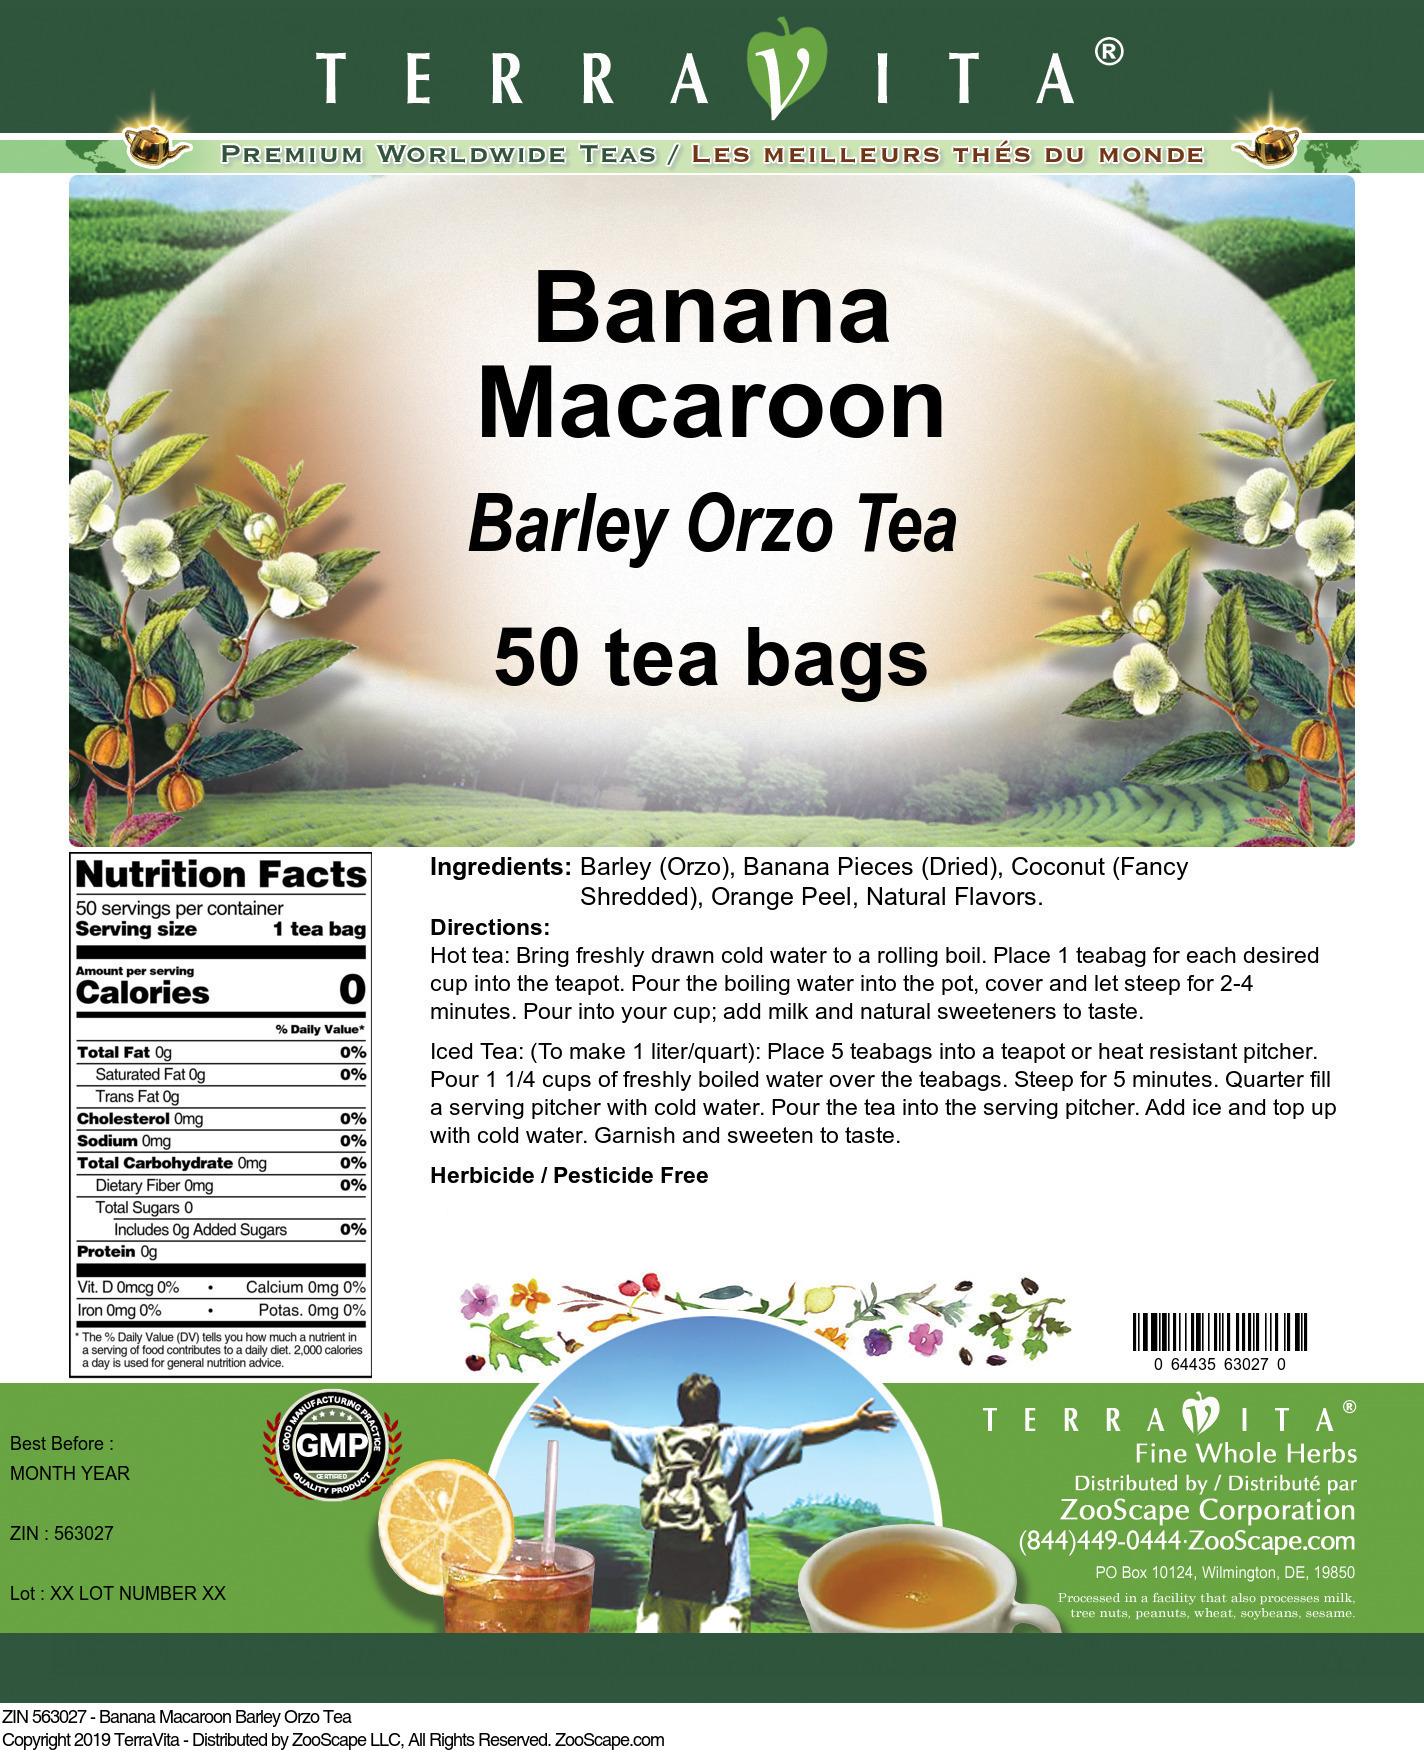 Banana Macaroon Barley Orzo Tea